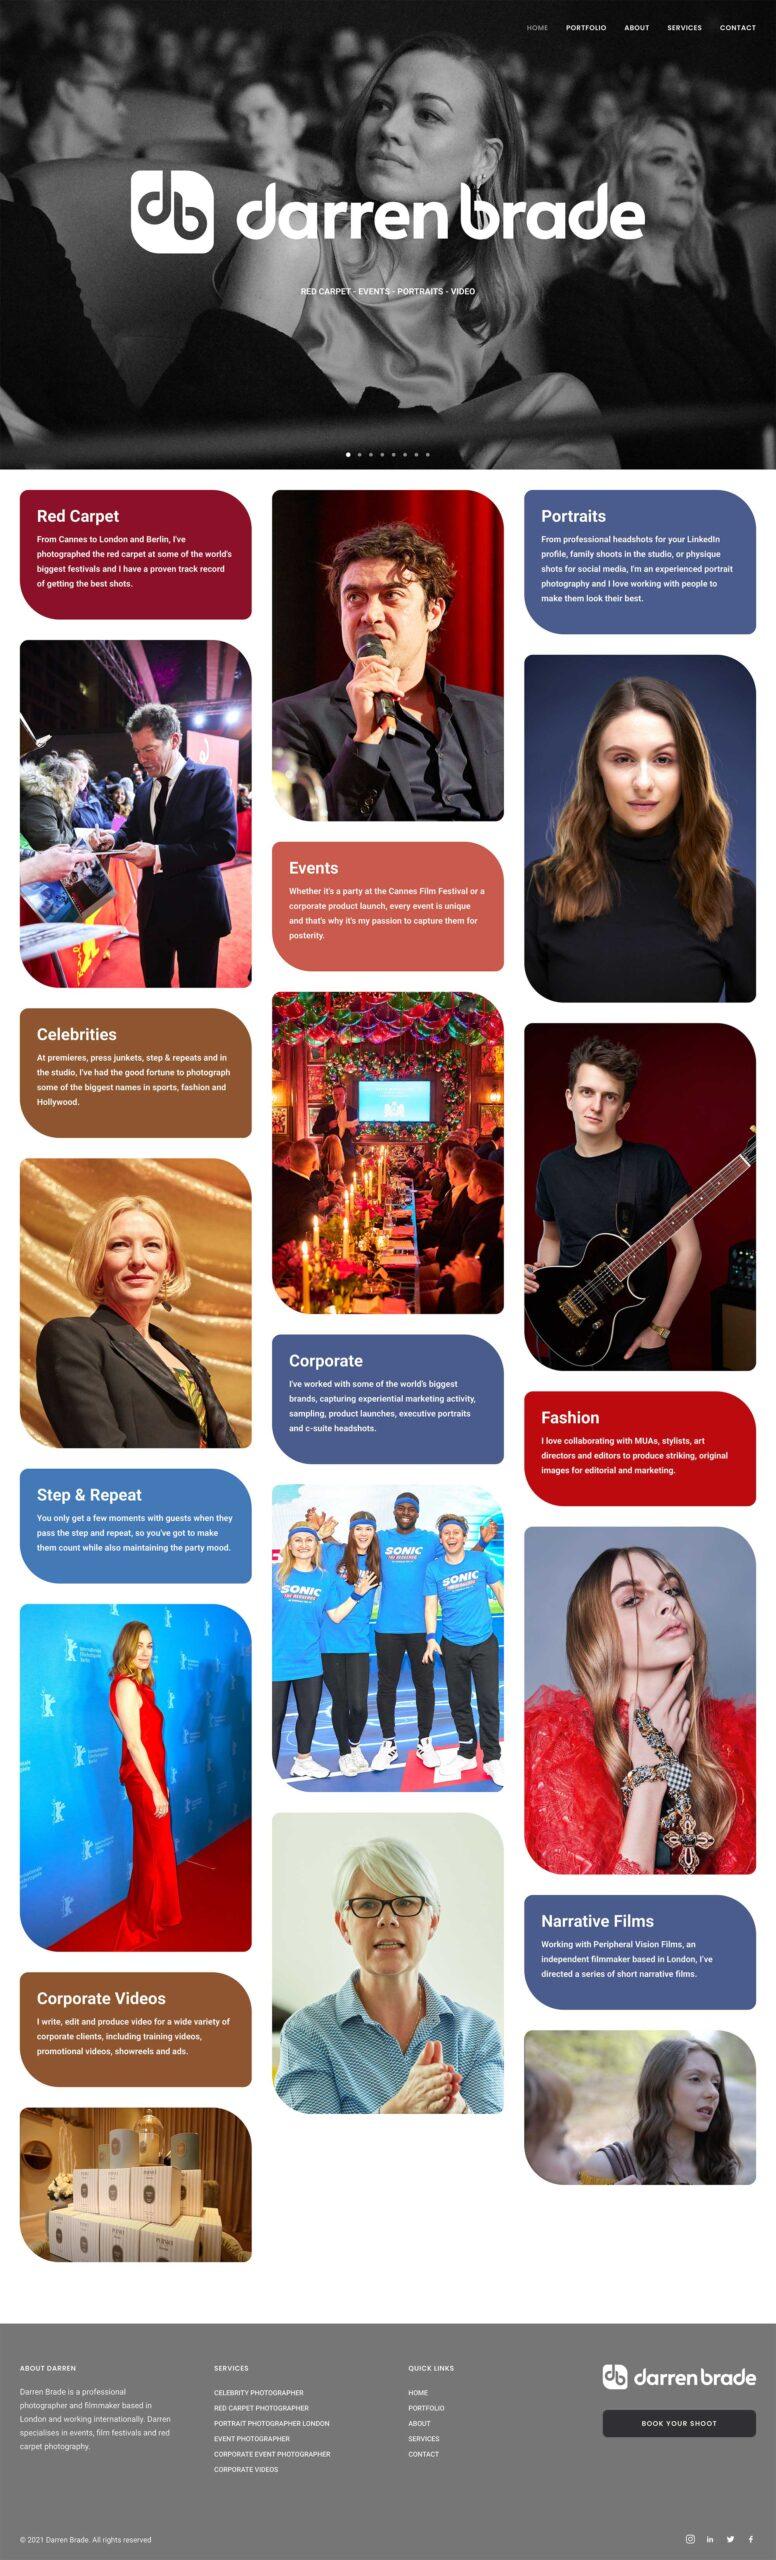 Darren Brade Website